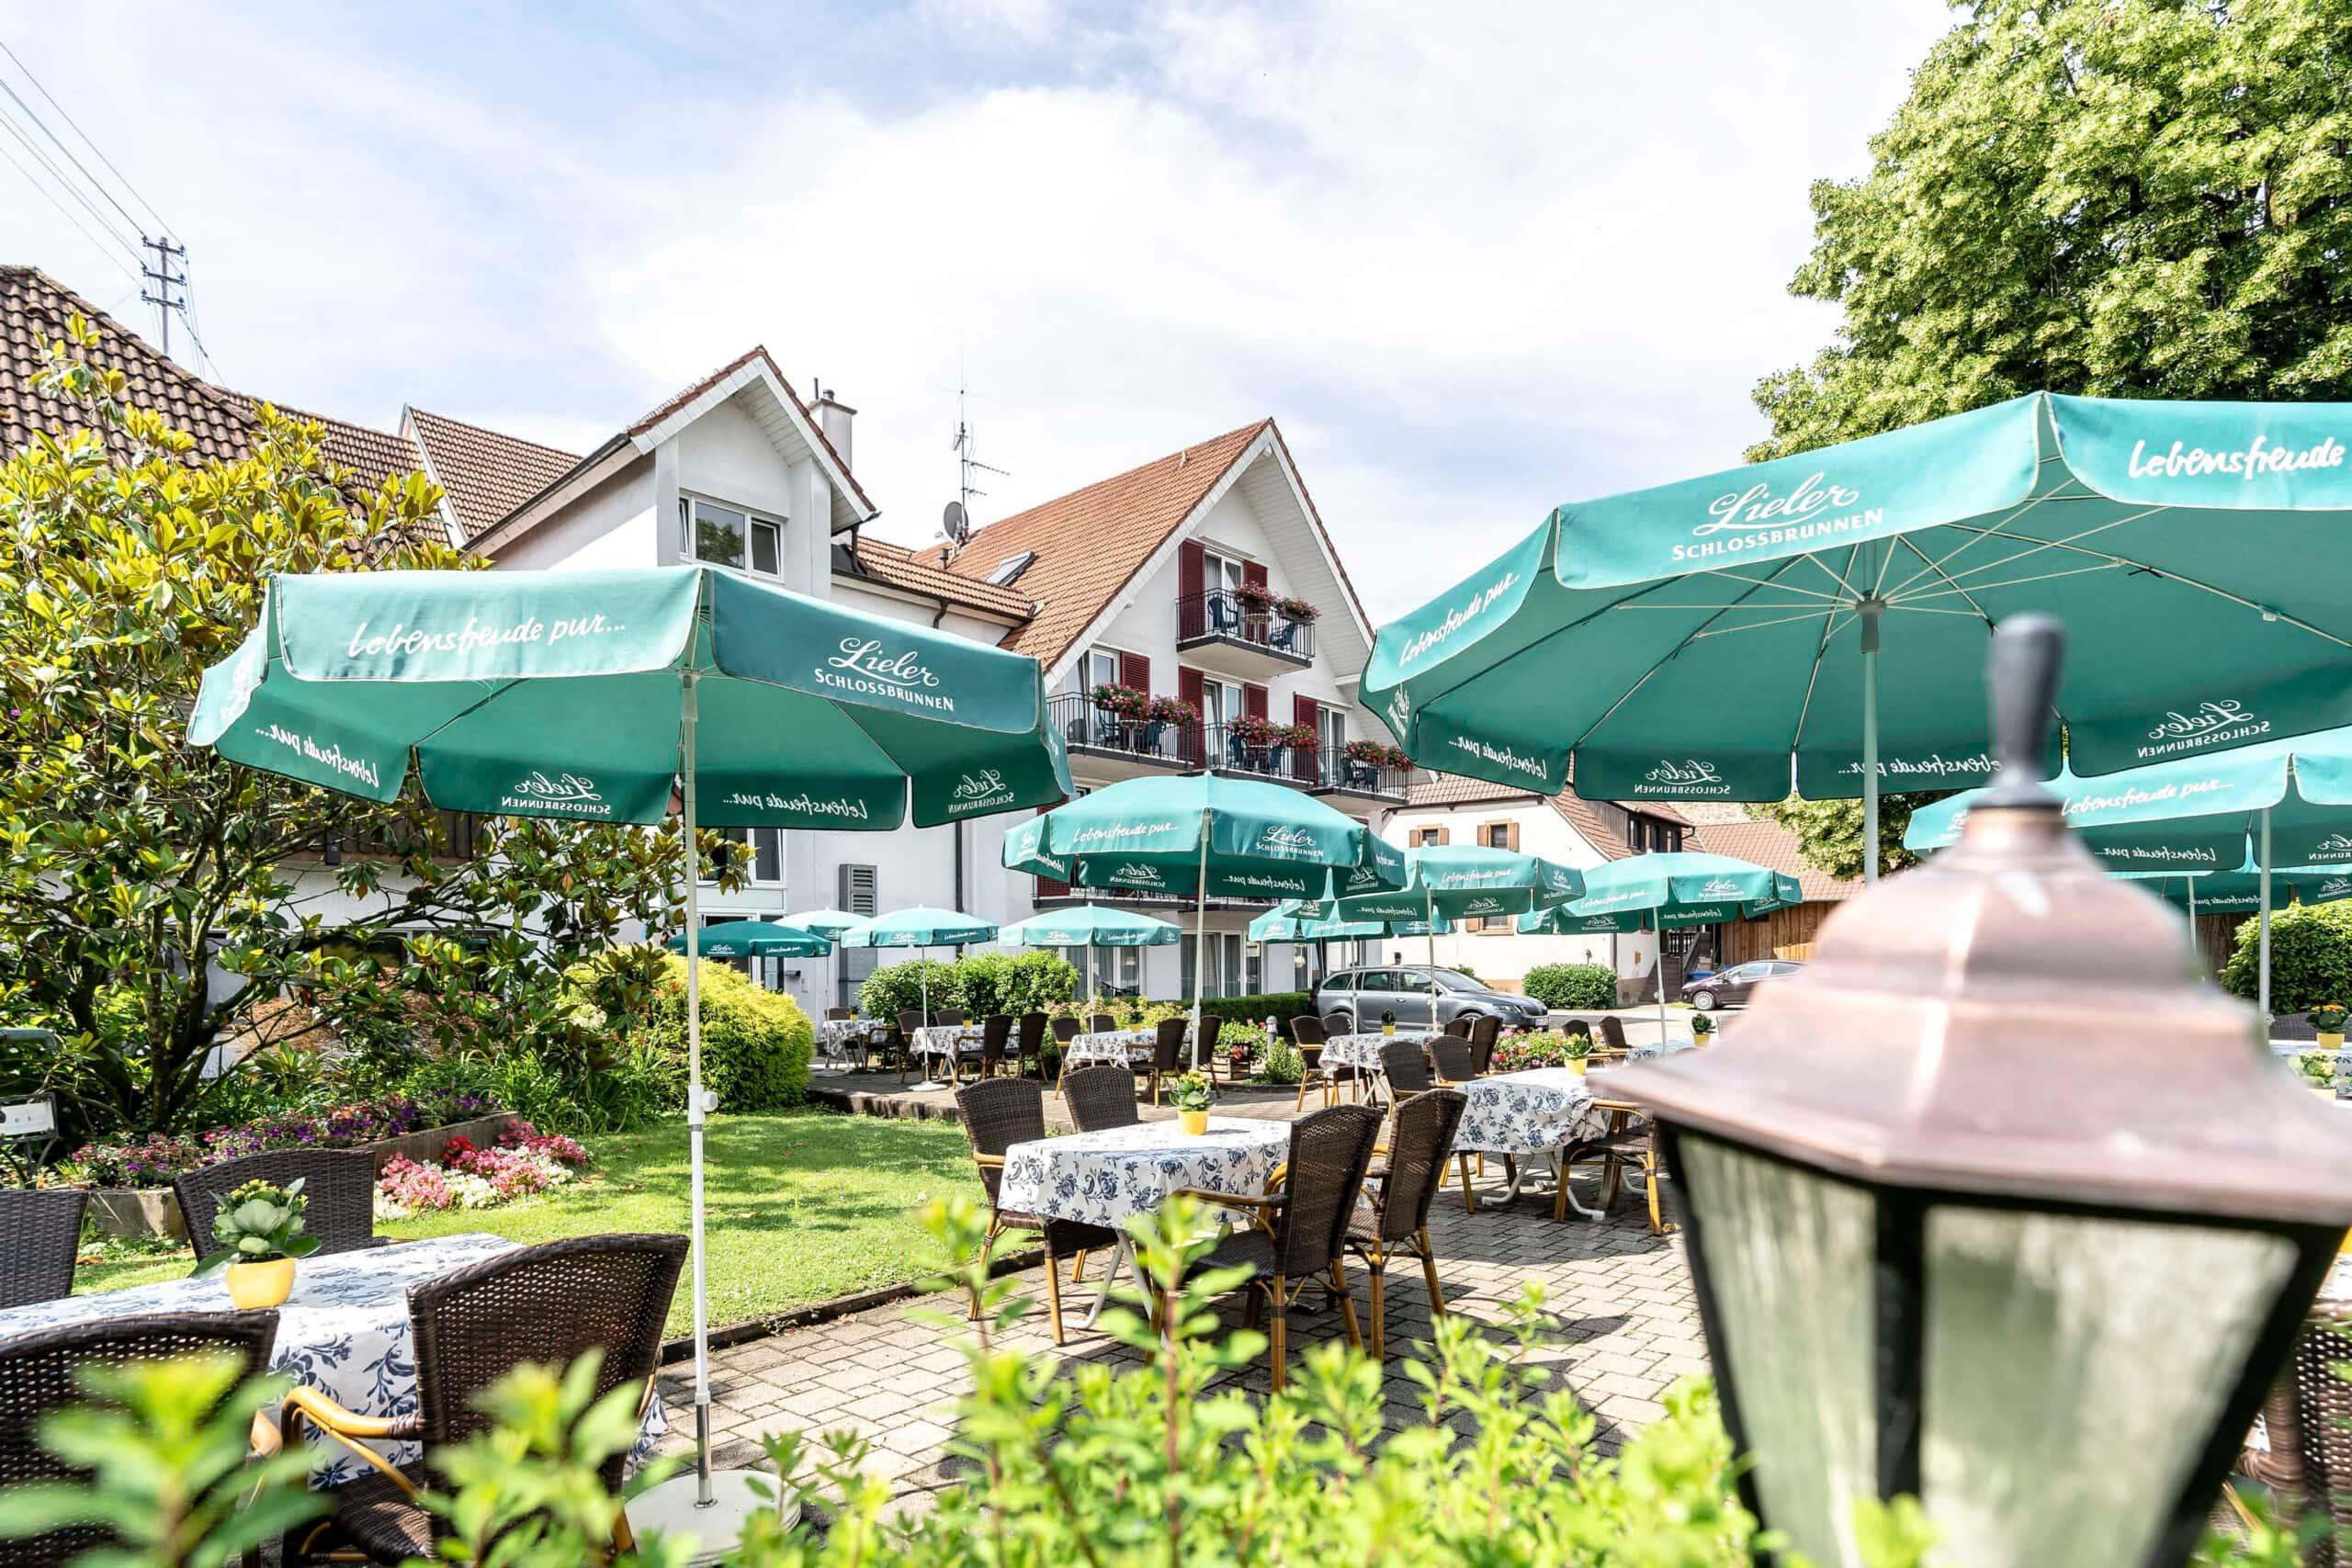 Hotel Gasthaus Loewen Buchholz Terrasse Sonnenschein